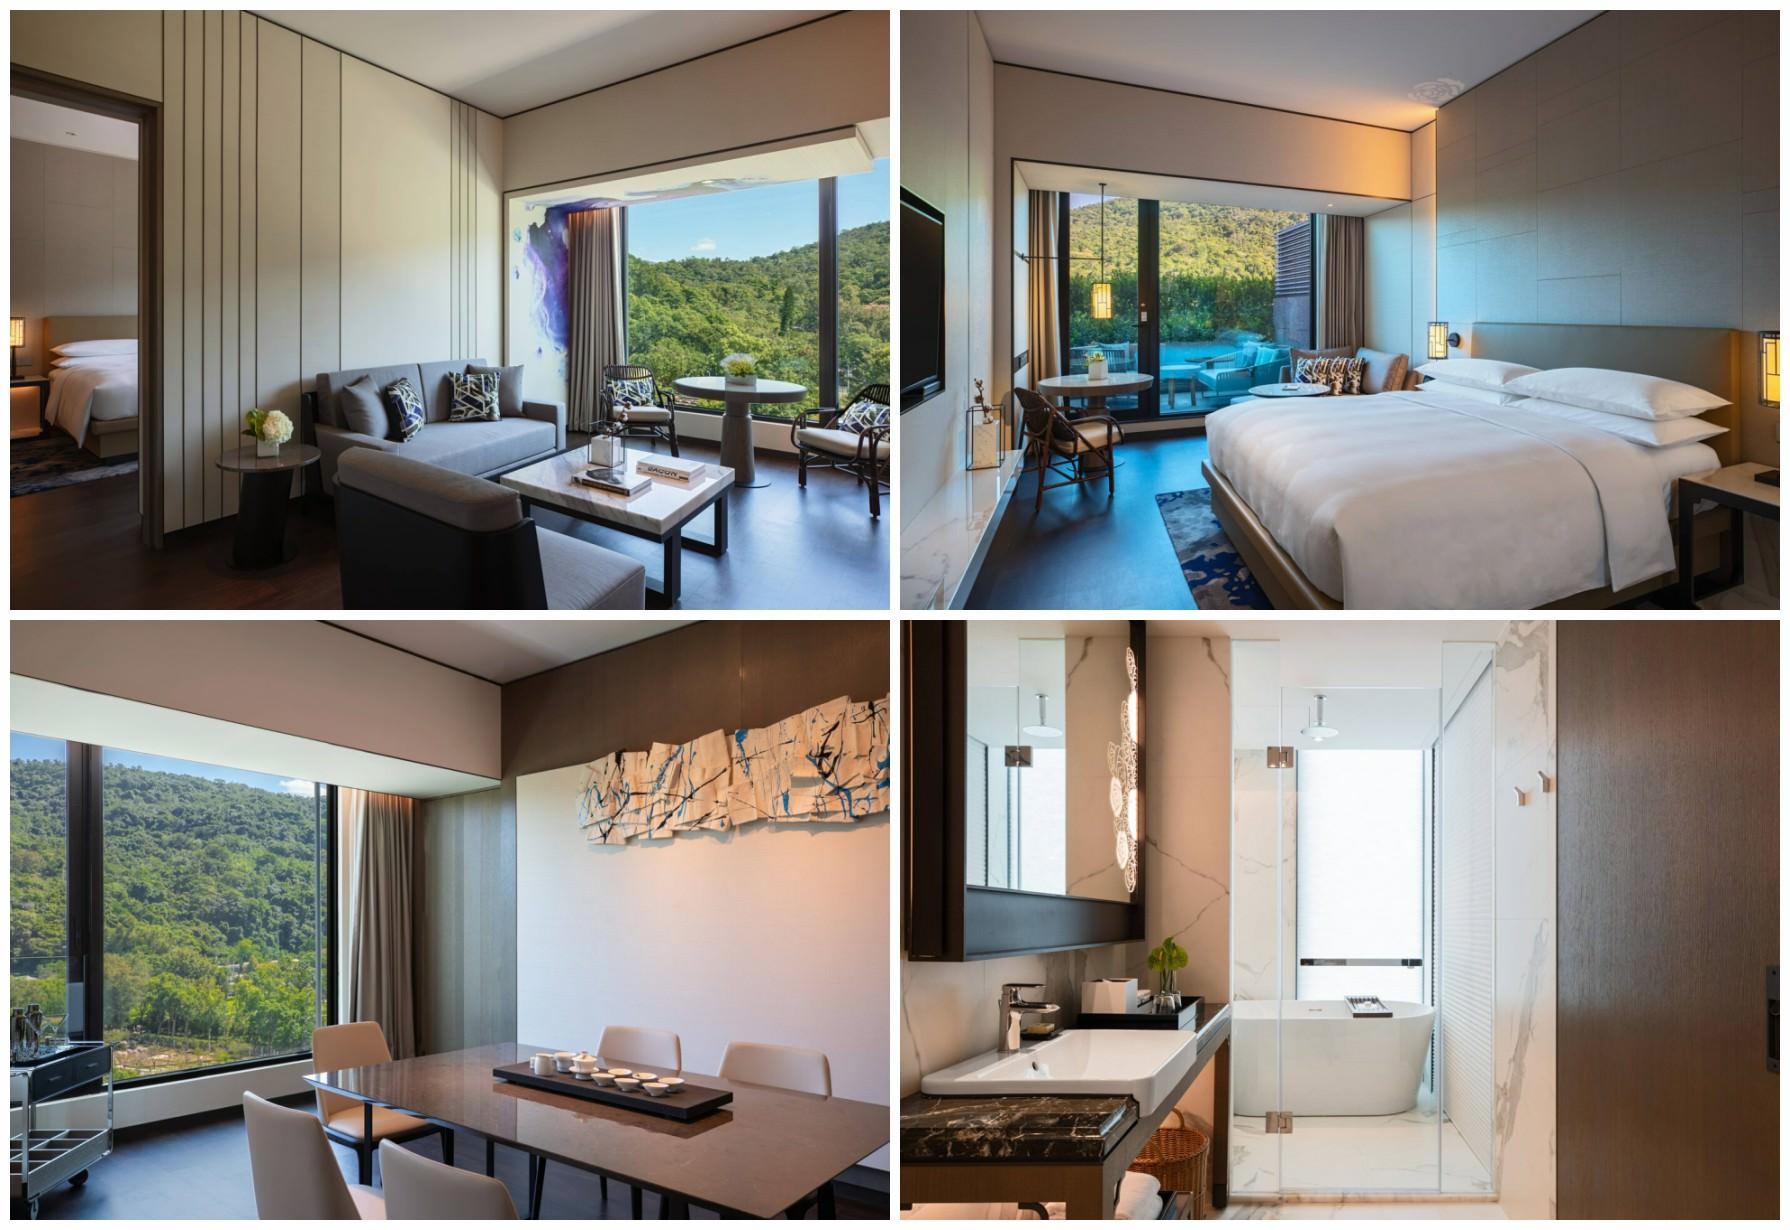 台北士林萬麗酒店,陽明山住宿飯店,士林住宿飯店